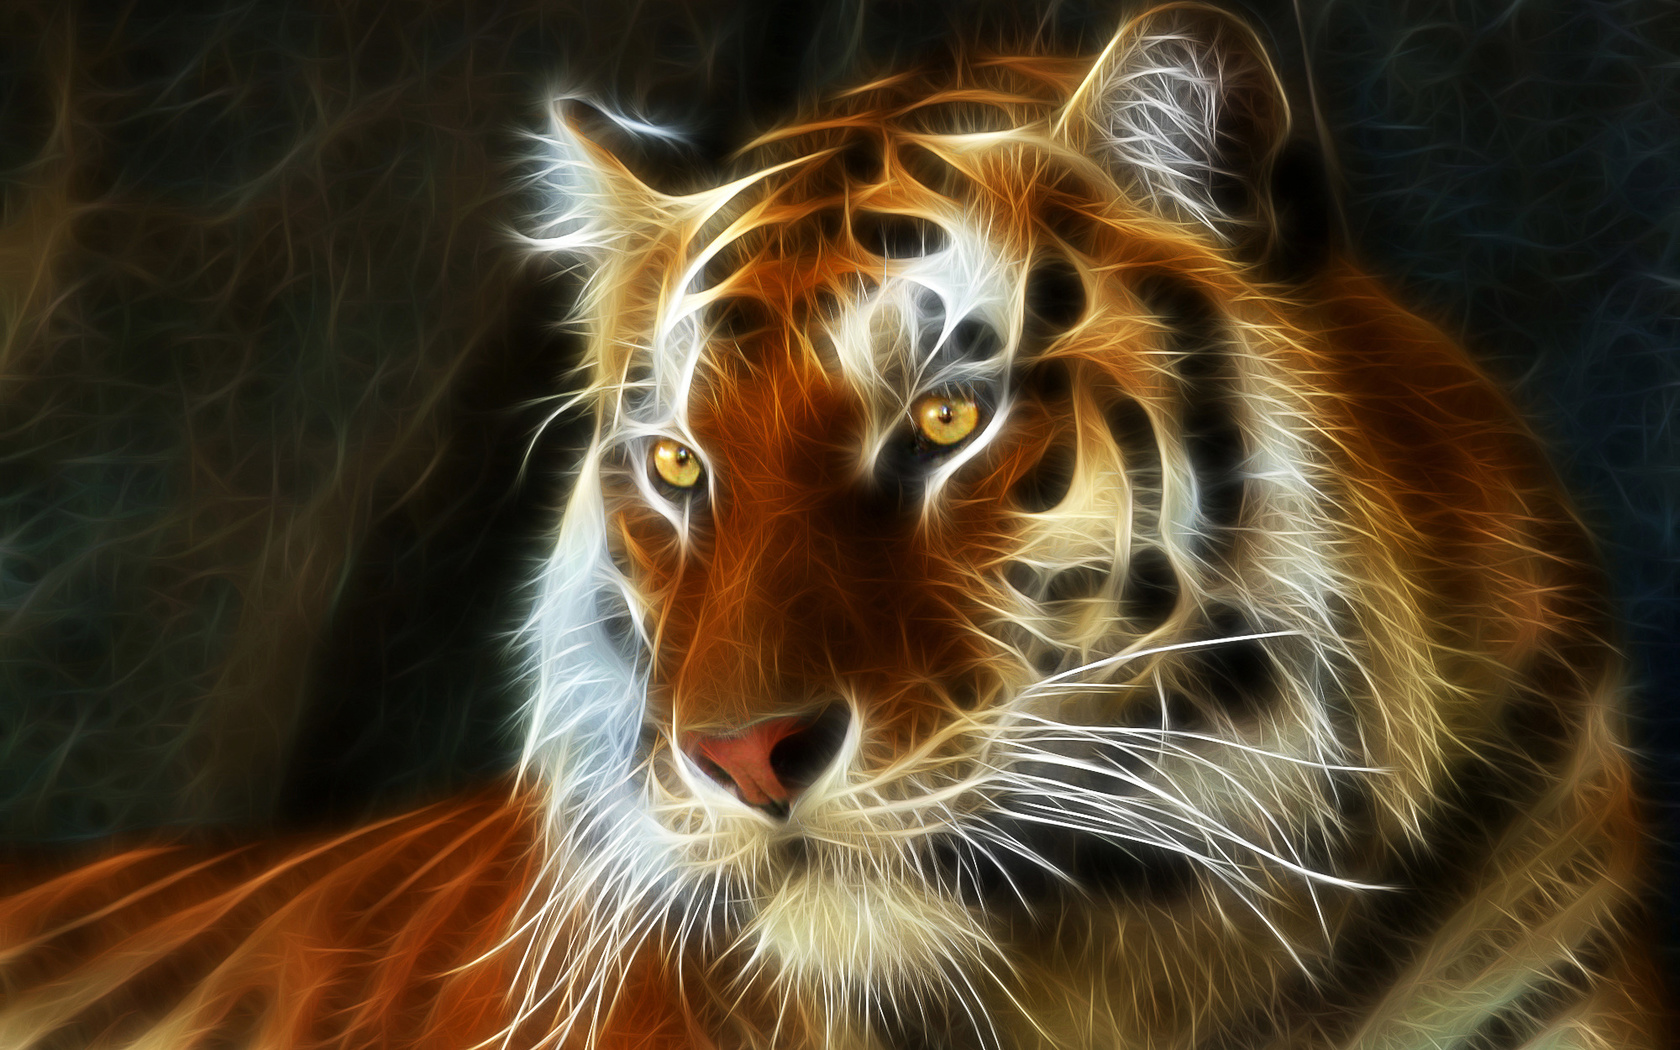 амурский, тигр, кошка, взгляд, рисование